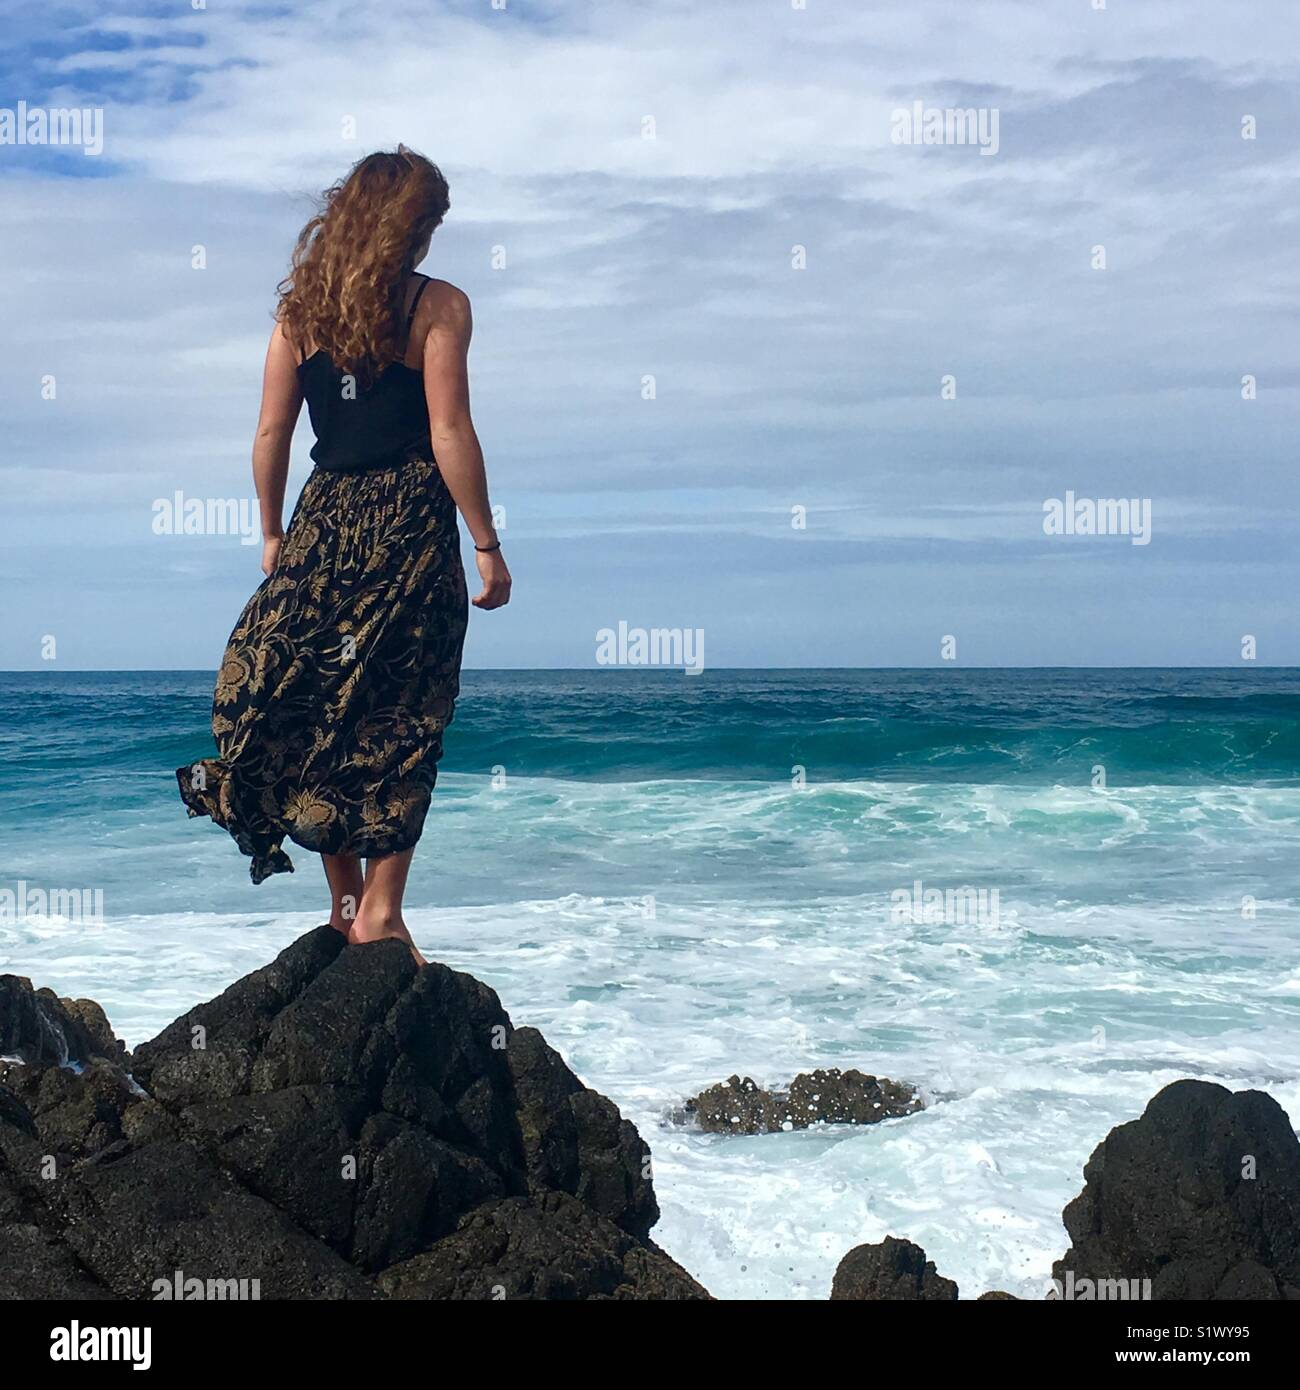 Jeune fille se tient sur des rochers surplombant la mer Photo Stock